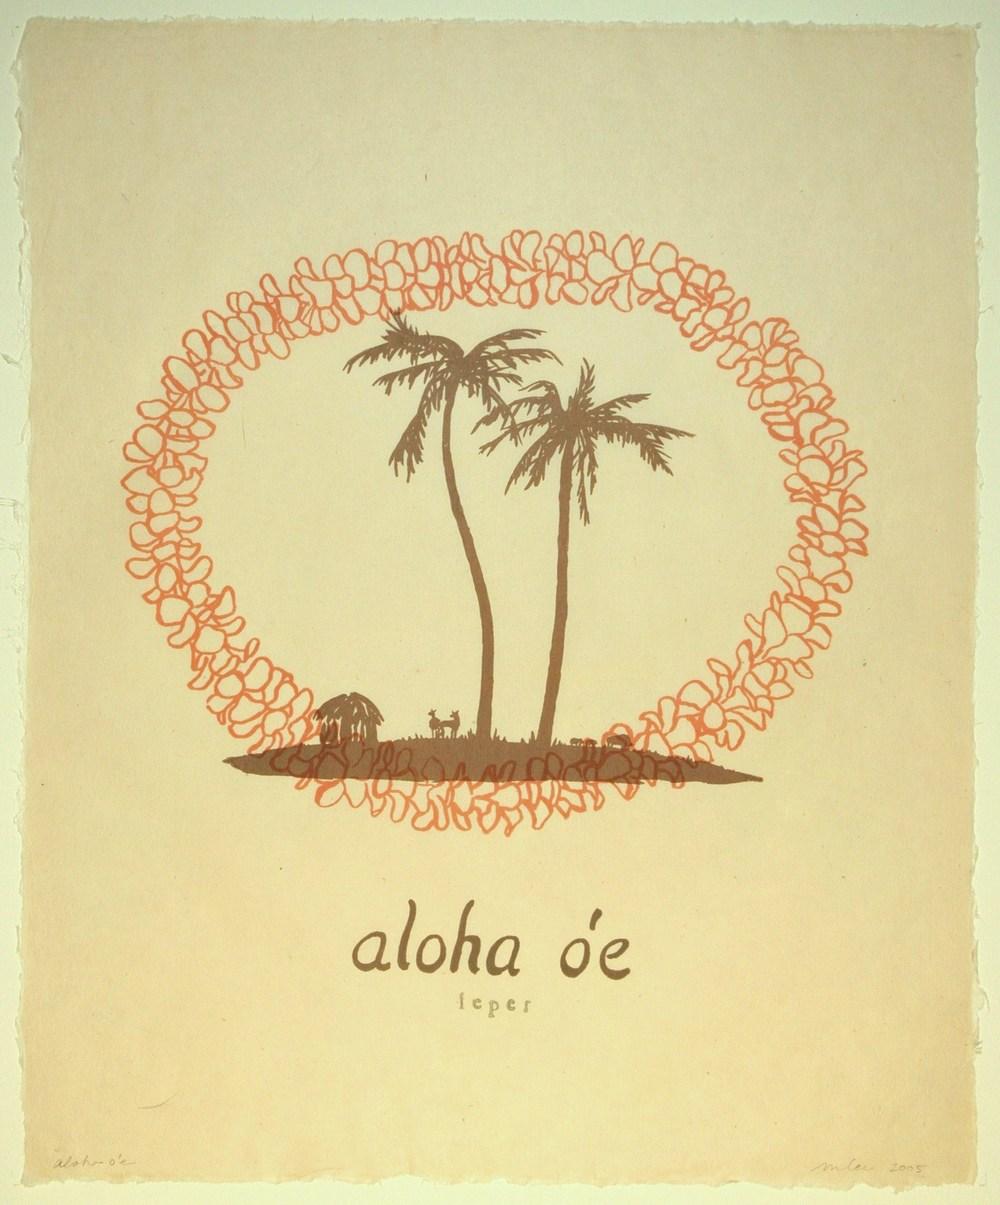 aloha 'oe.jpg